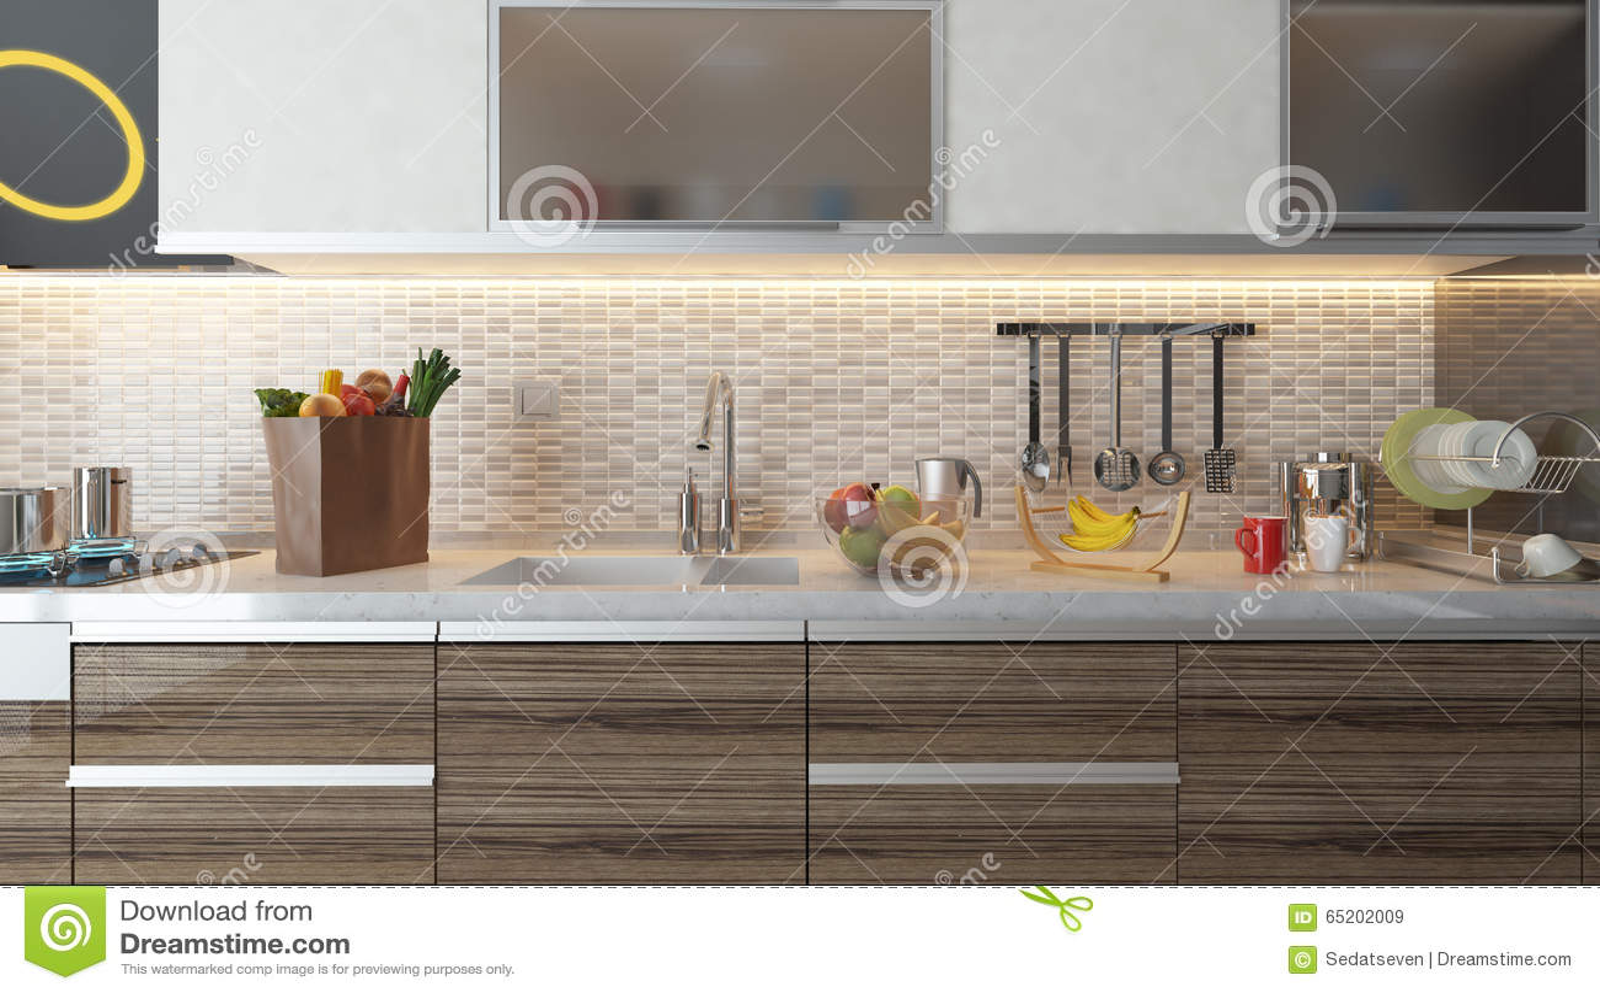 Design De Interiores Moderno Da Cozinha Com A Parede Cer Mica Branca